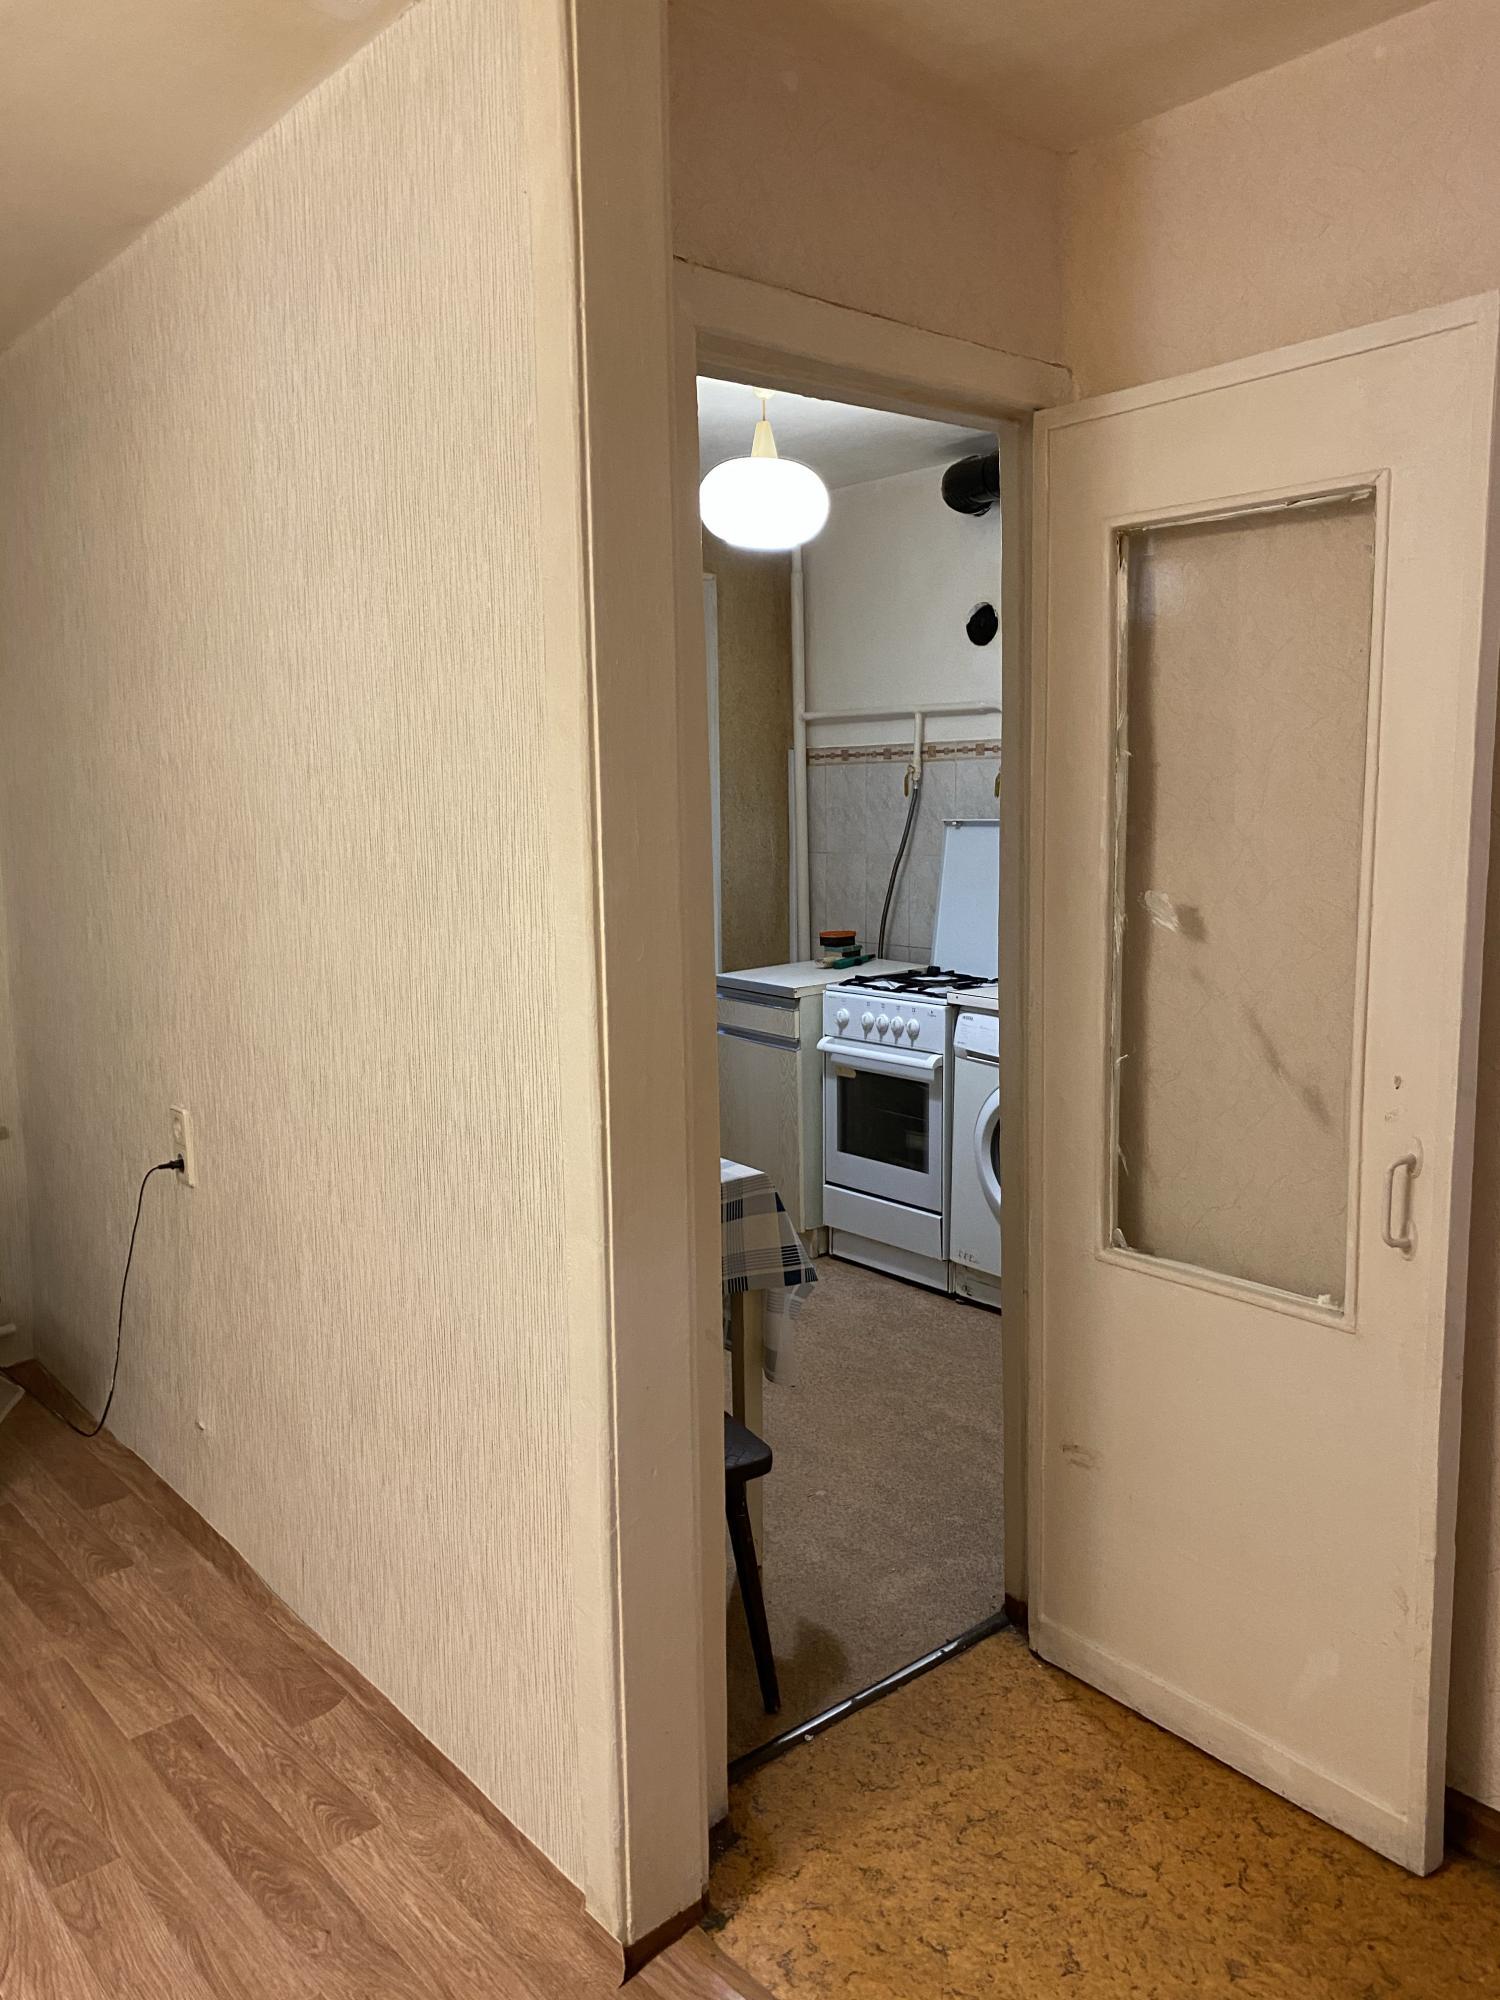 Квартира, 2 комнаты, 45 м² в Москве 89258557885 купить 10